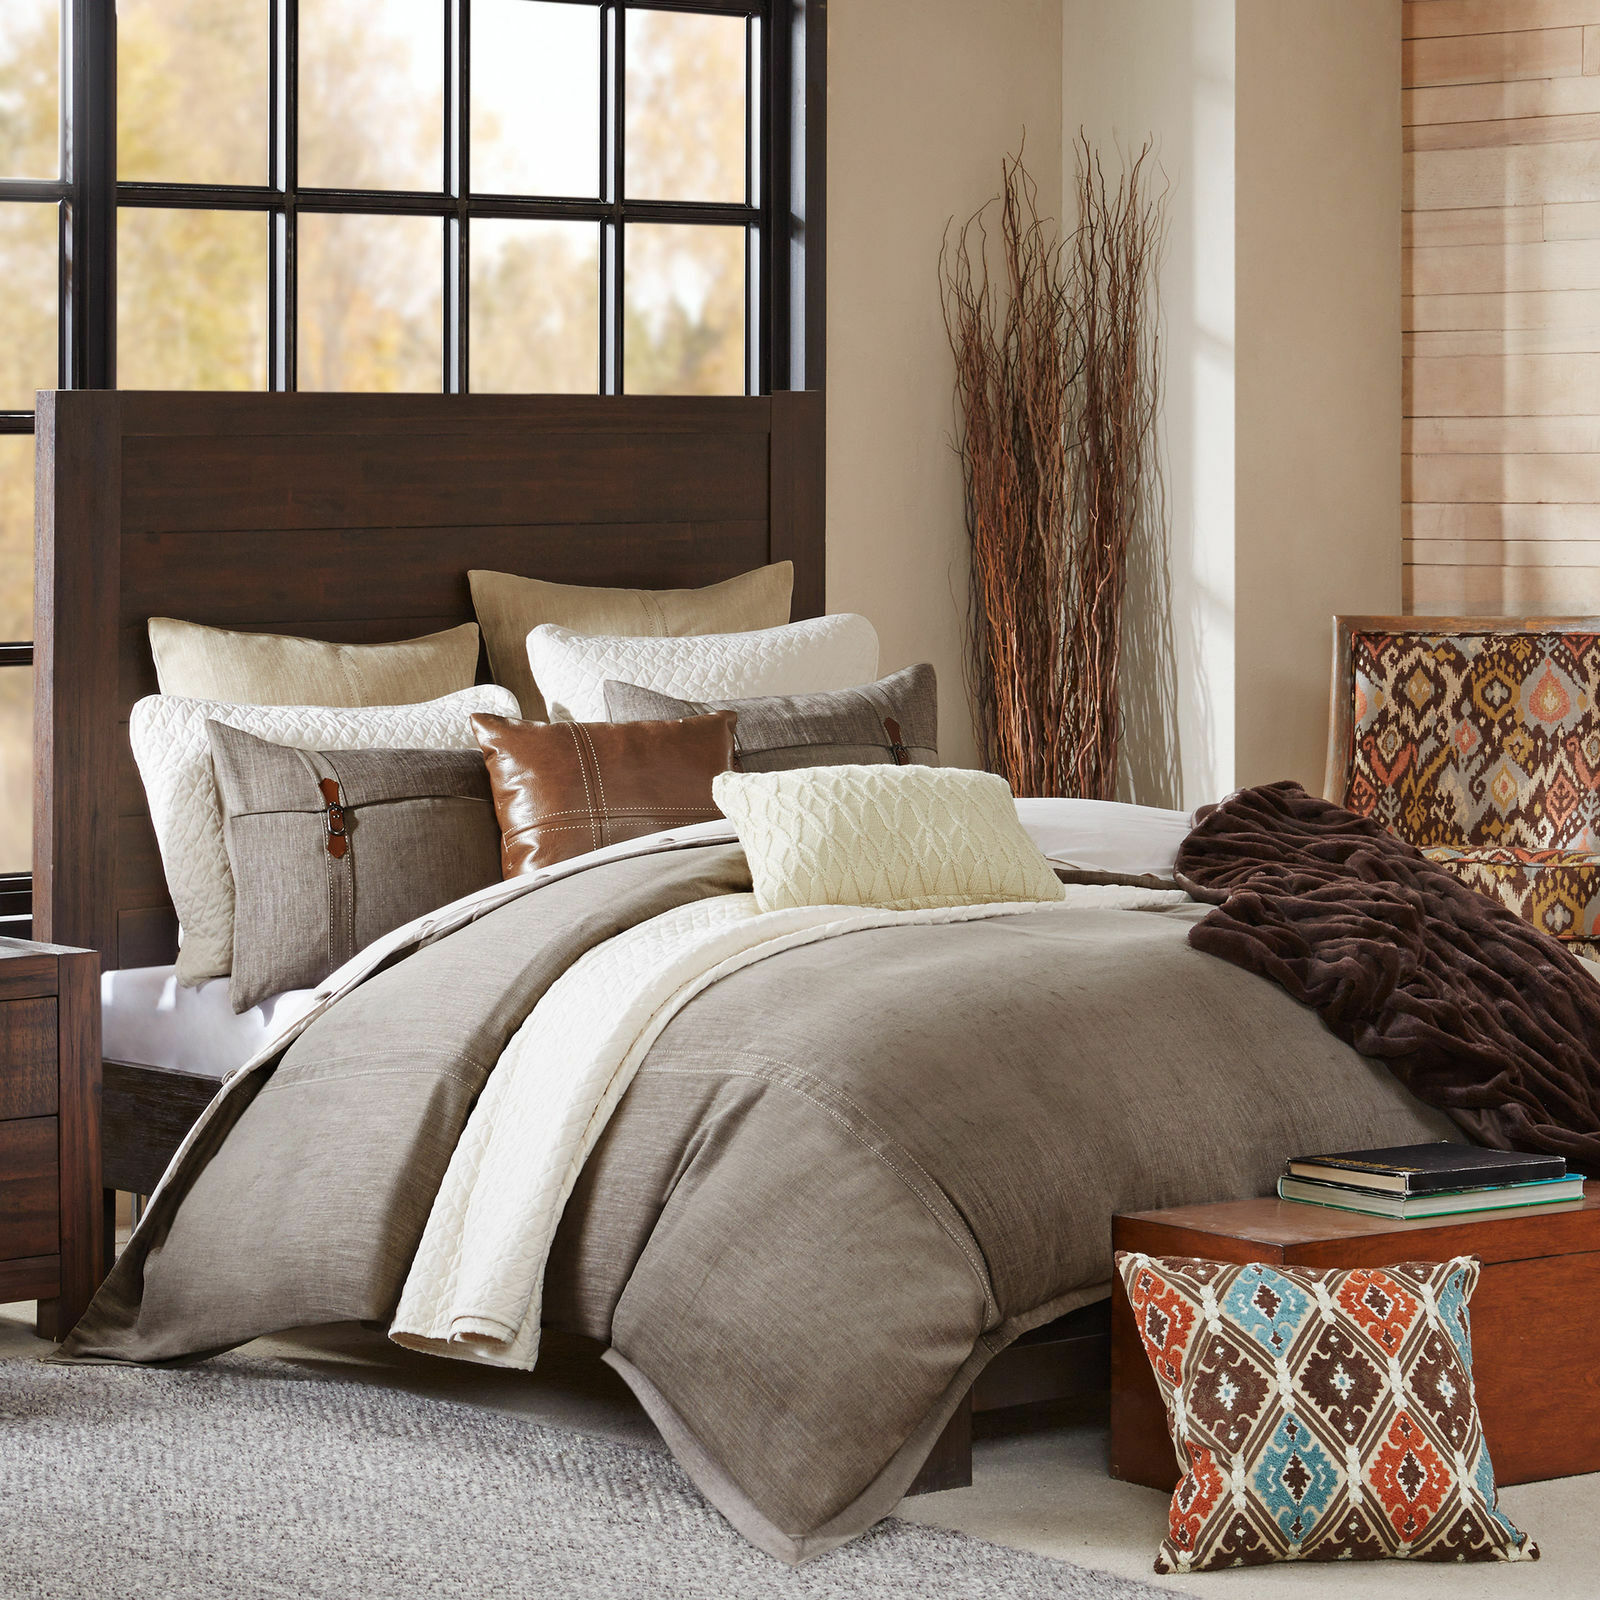 SALE    LIMITED TIME          Hampton Hill Roaring River King 9pcs Comforter Set